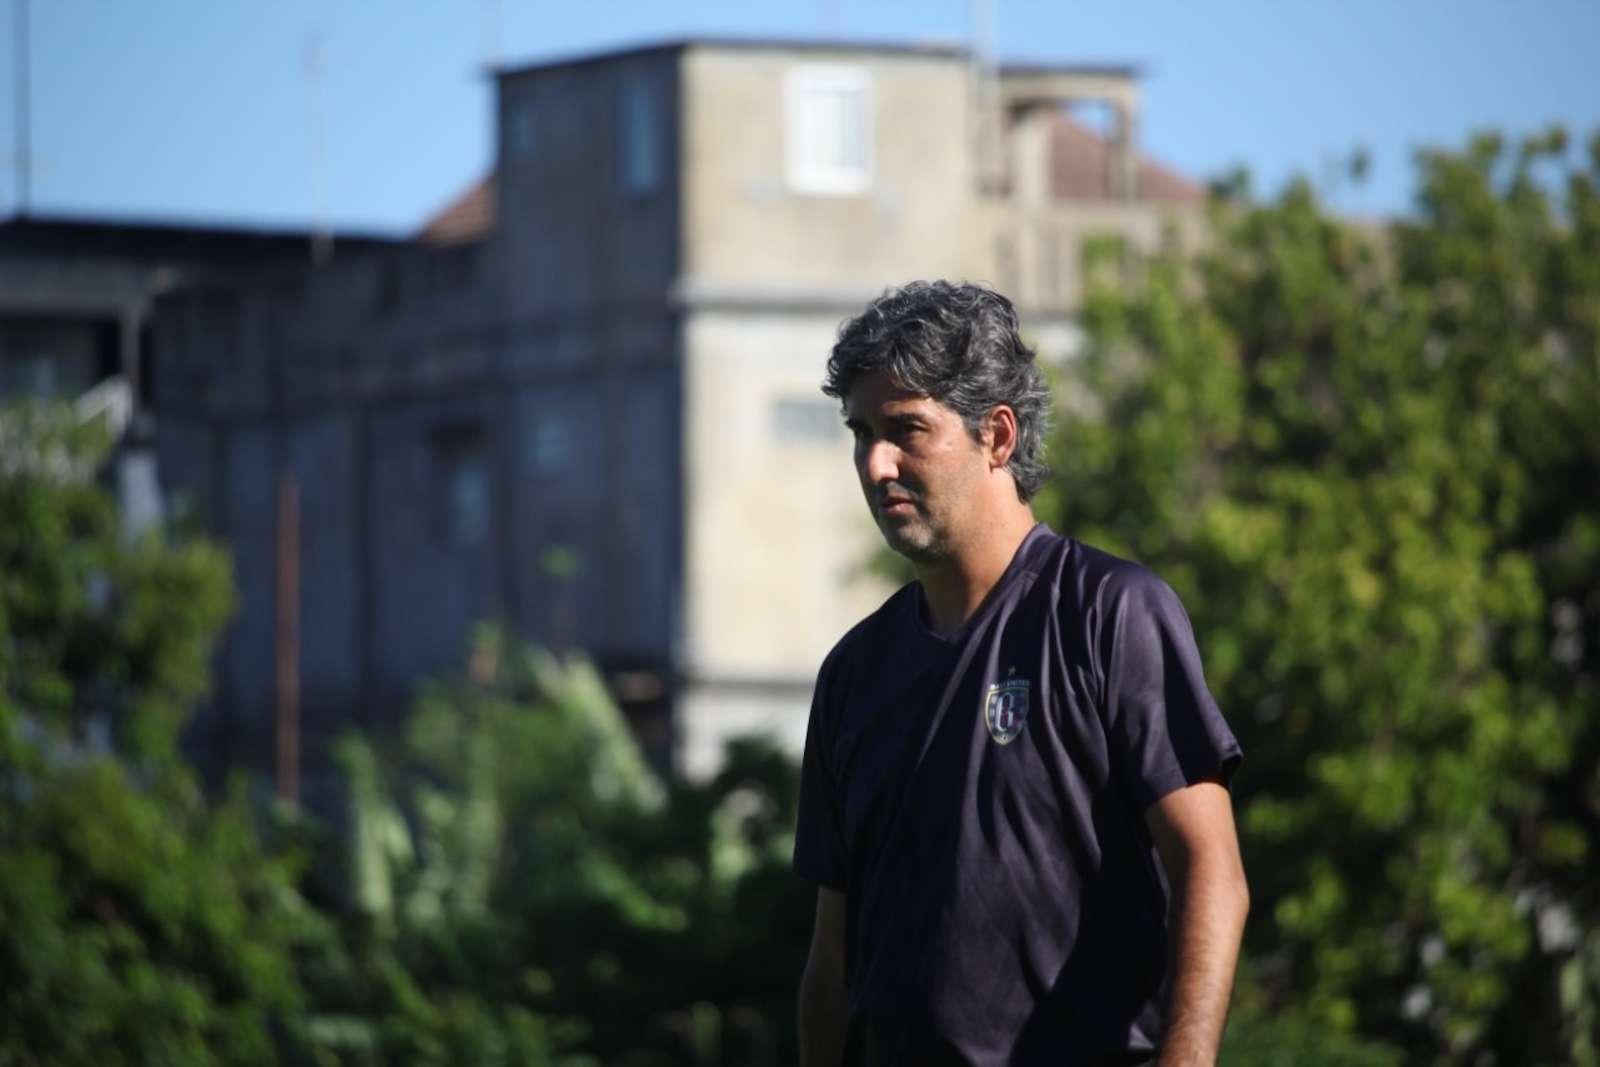 Stefano Cugurra Ambil Hikmah Dari Penundaan Kompetisi